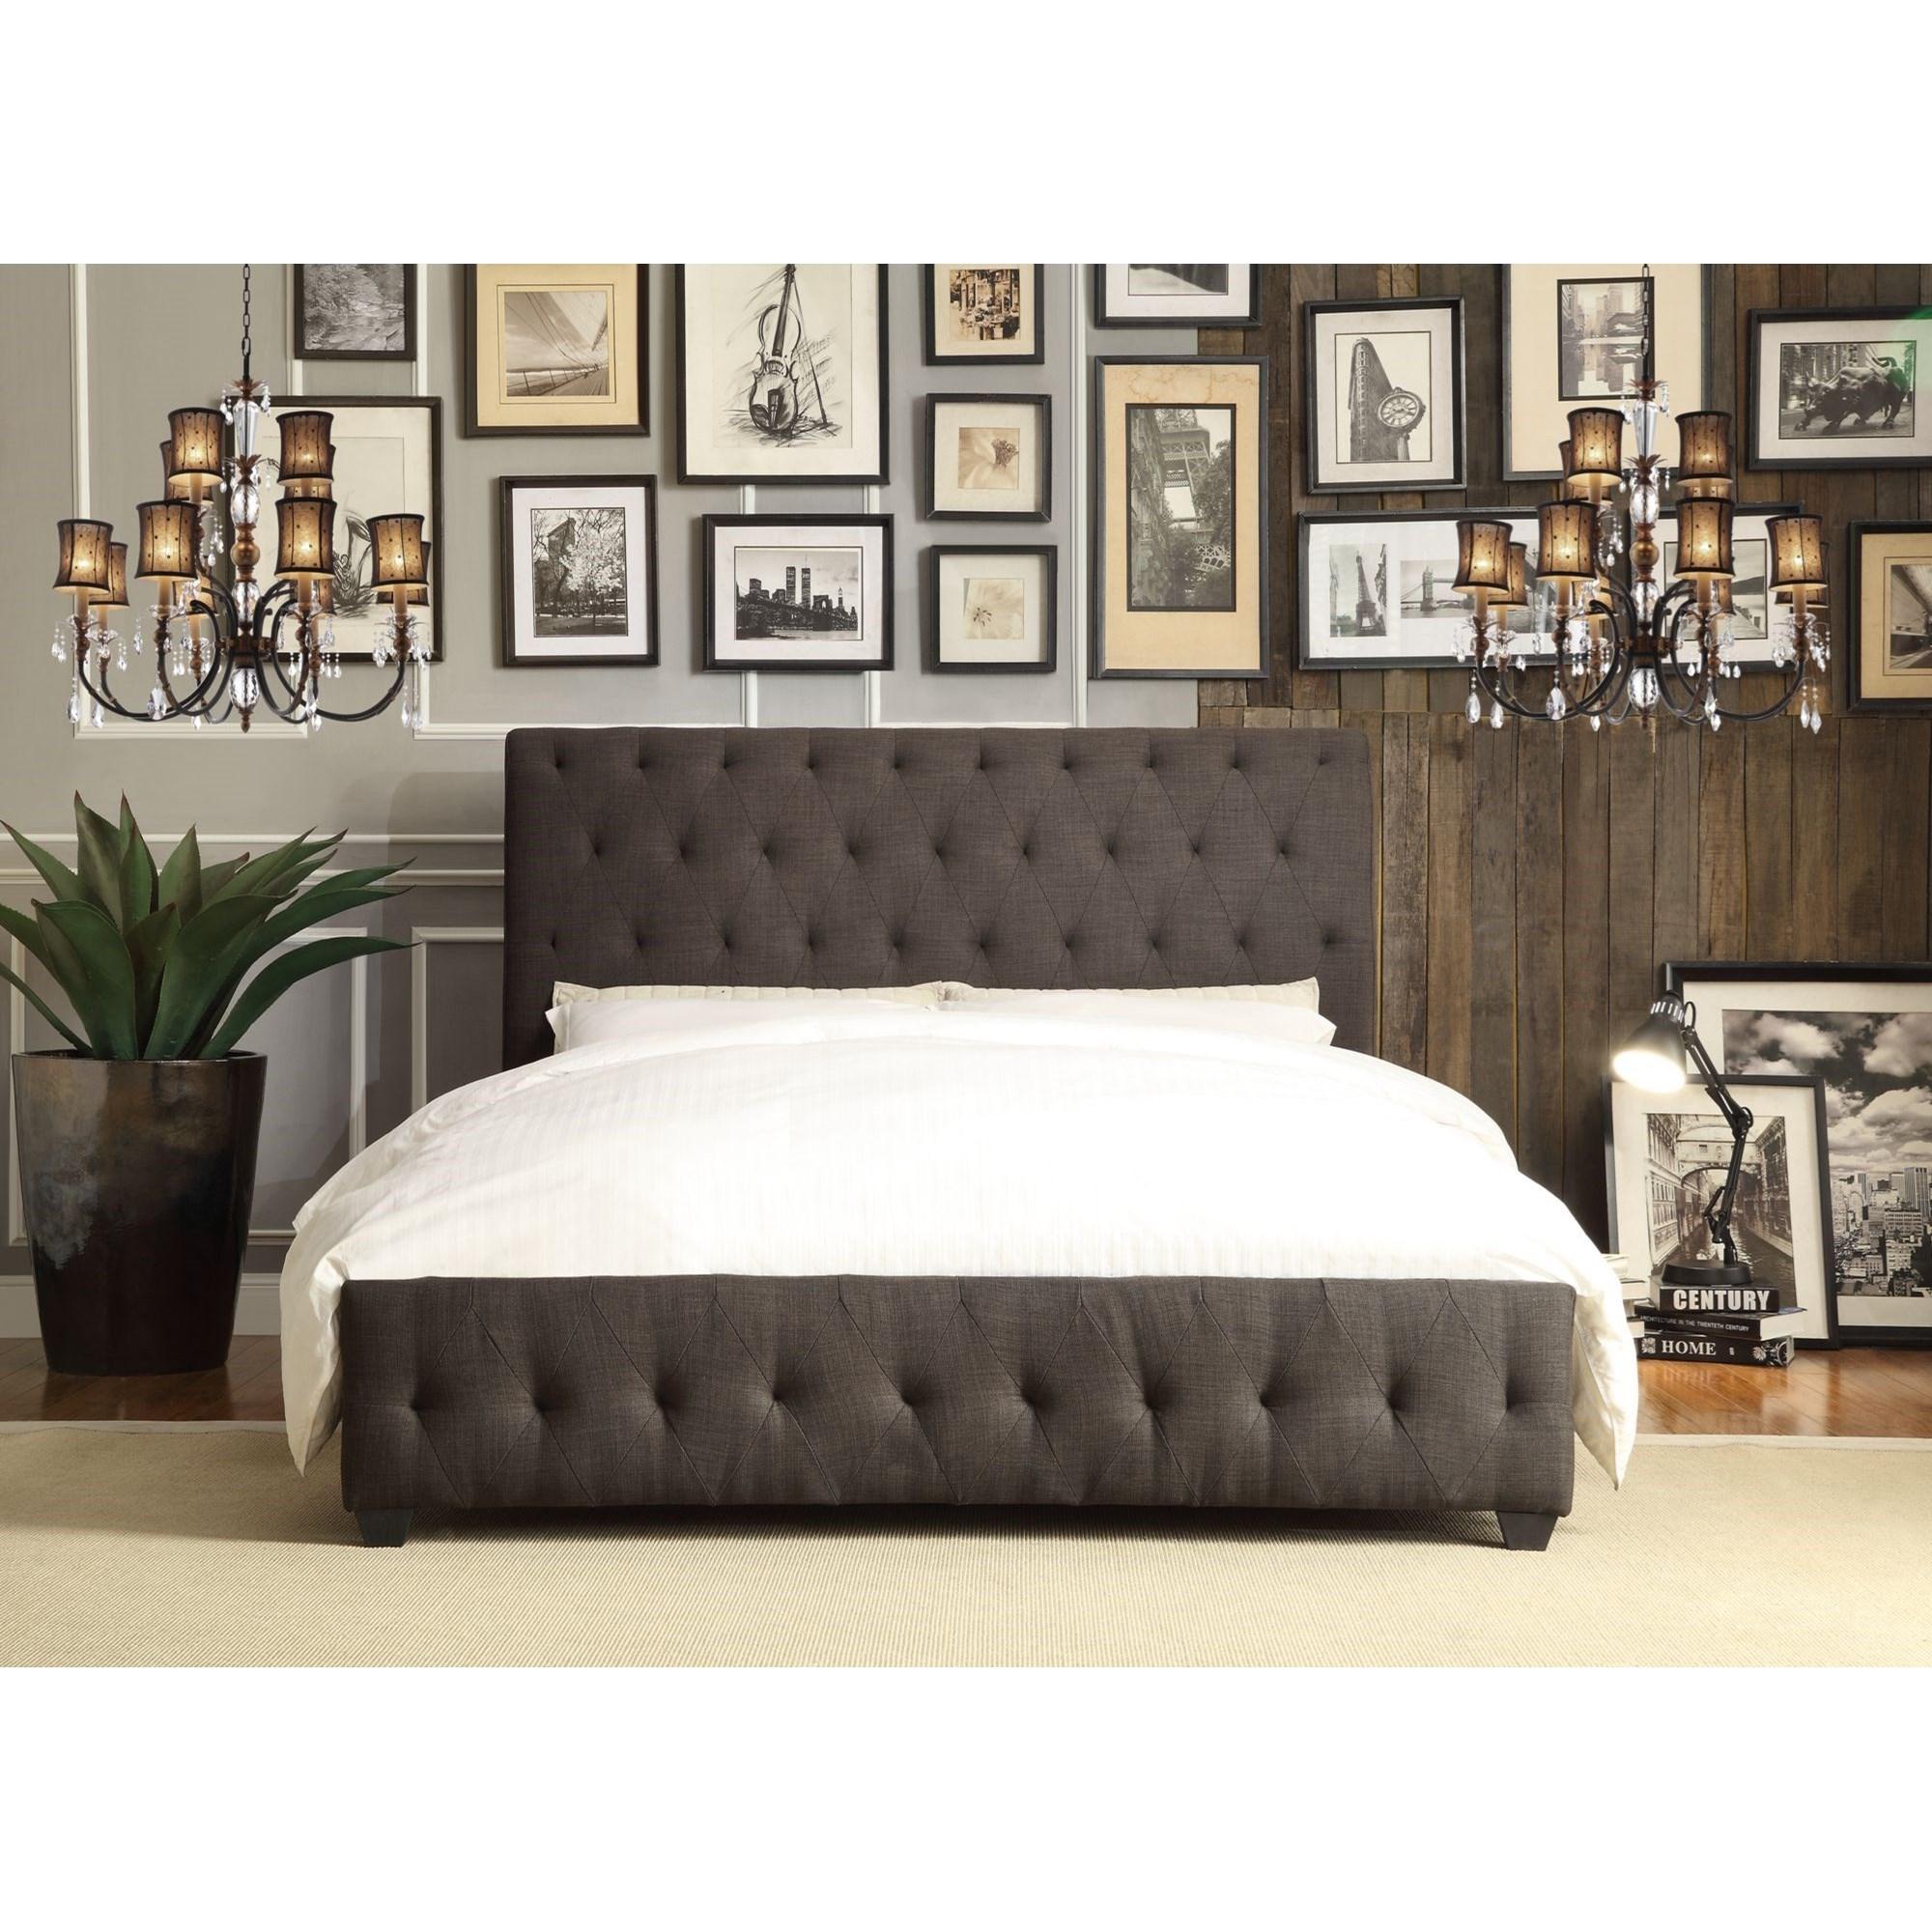 Homelegance Baldwyn Contemporary King Upholstered Platform Bed - Item Number: 5789KN-1EK+3EK